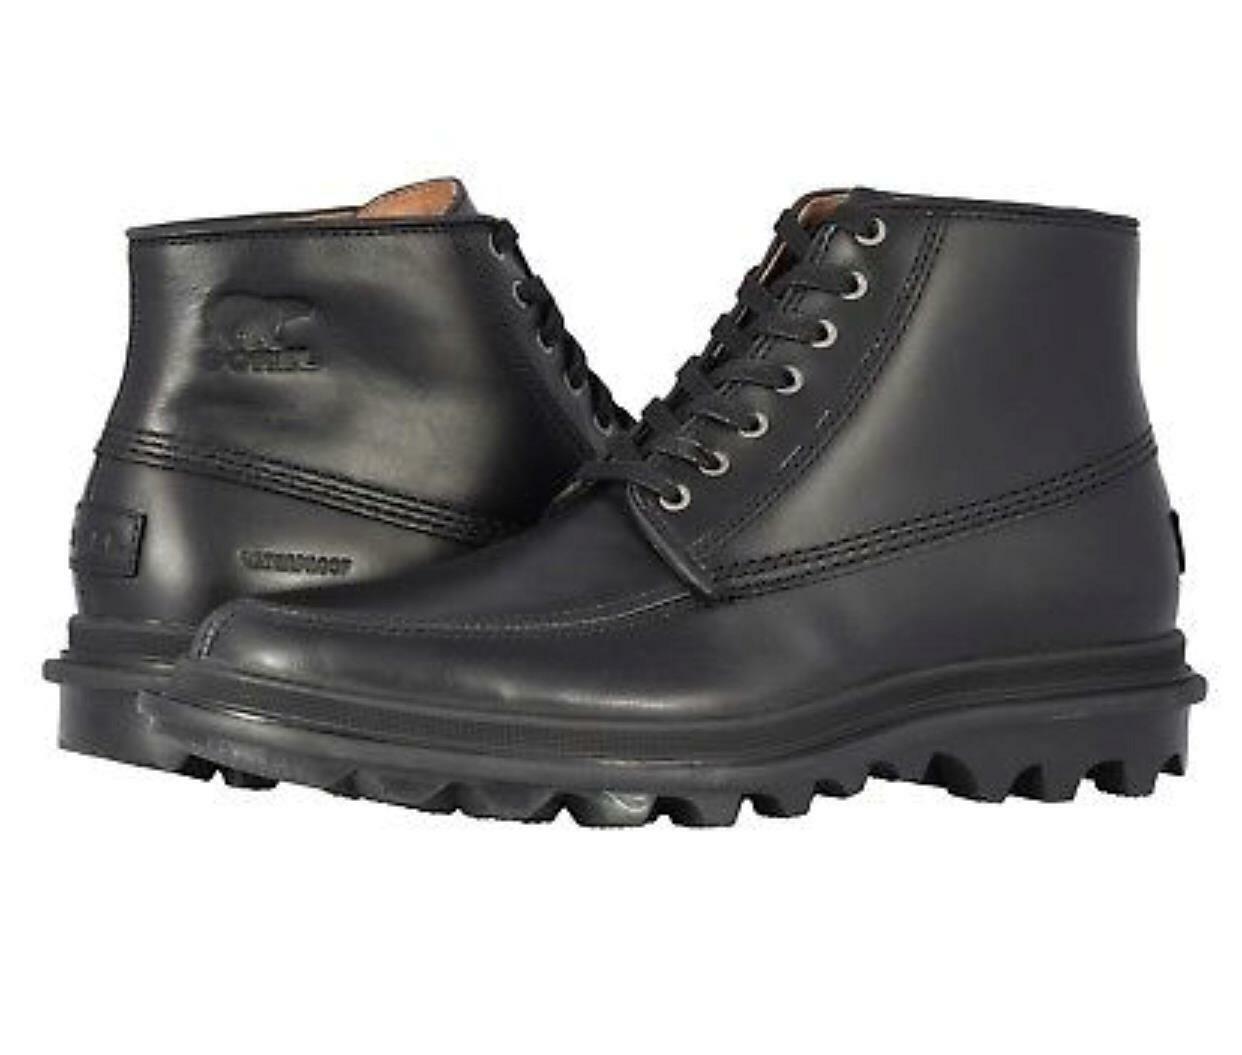 botas Impermeables Columbia Para Hombre Ace Chukka Con Cordones Zapatos Negro